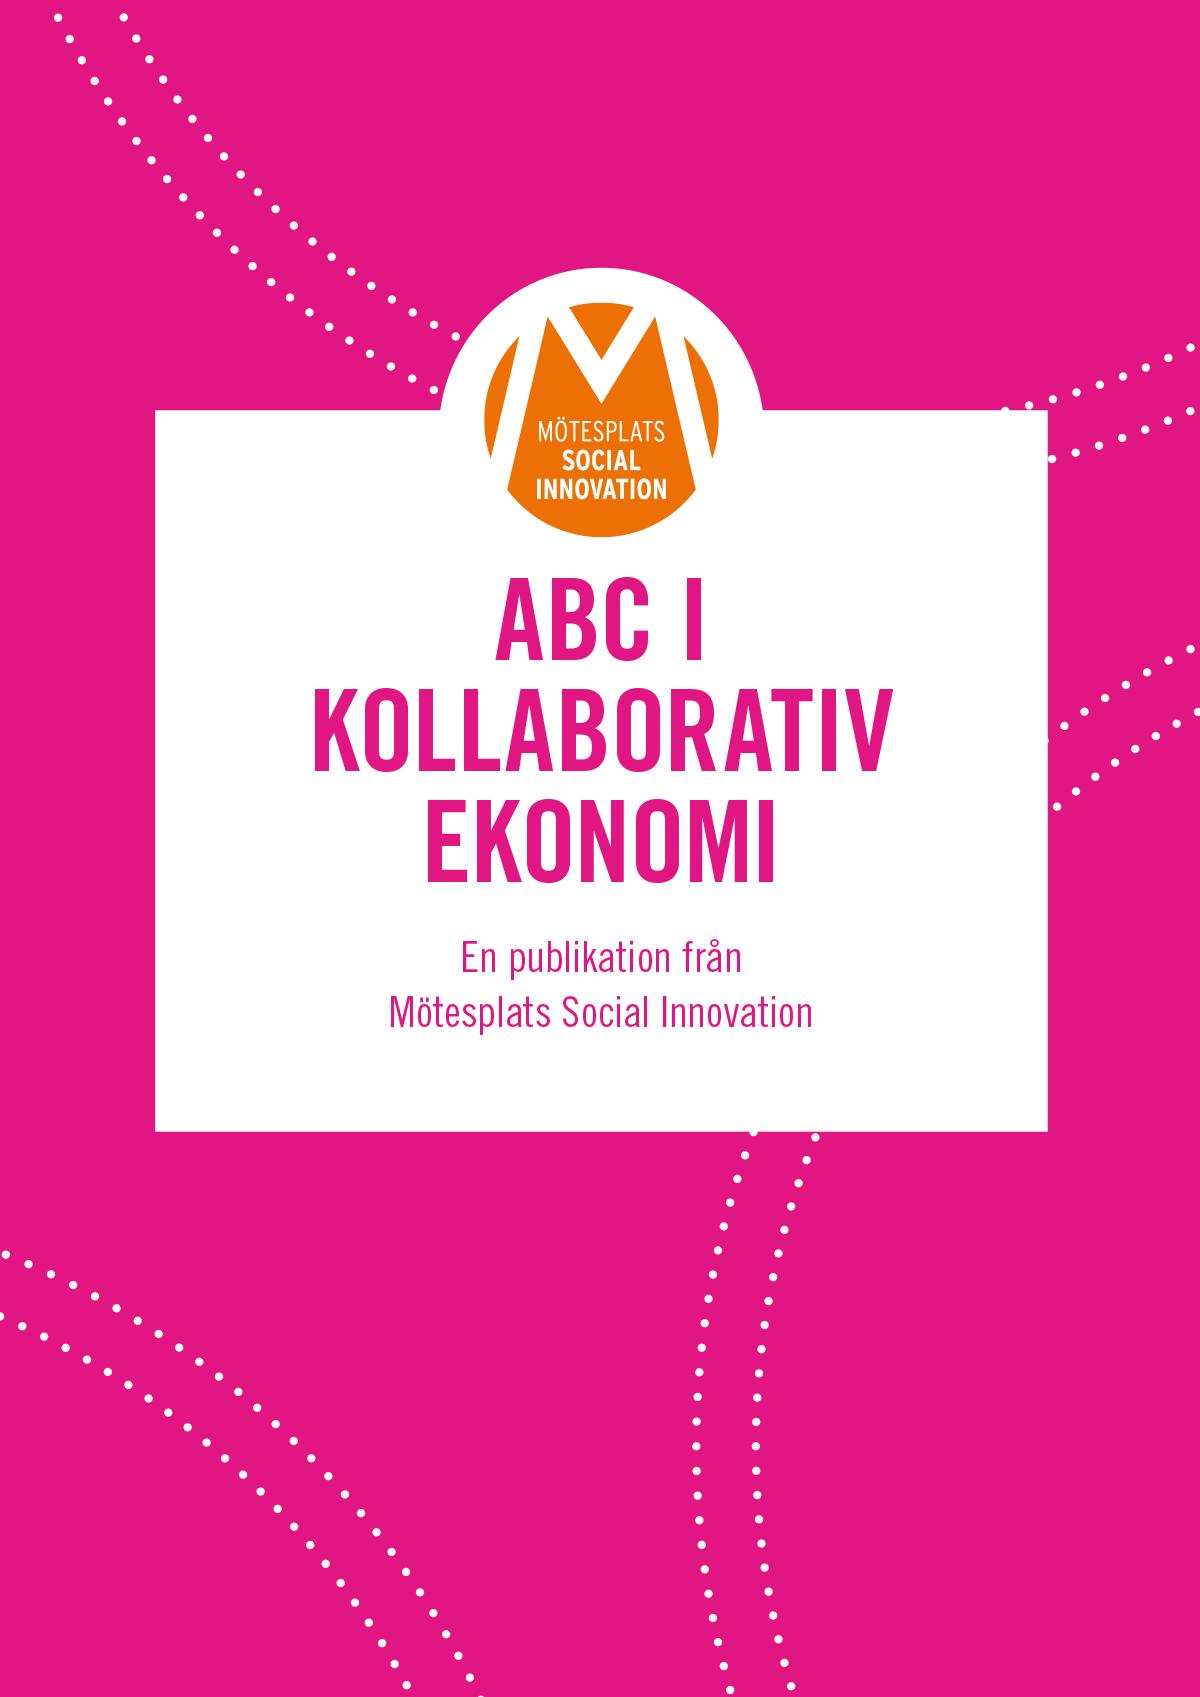 ABC i kollaborativ ekonomi (2017)